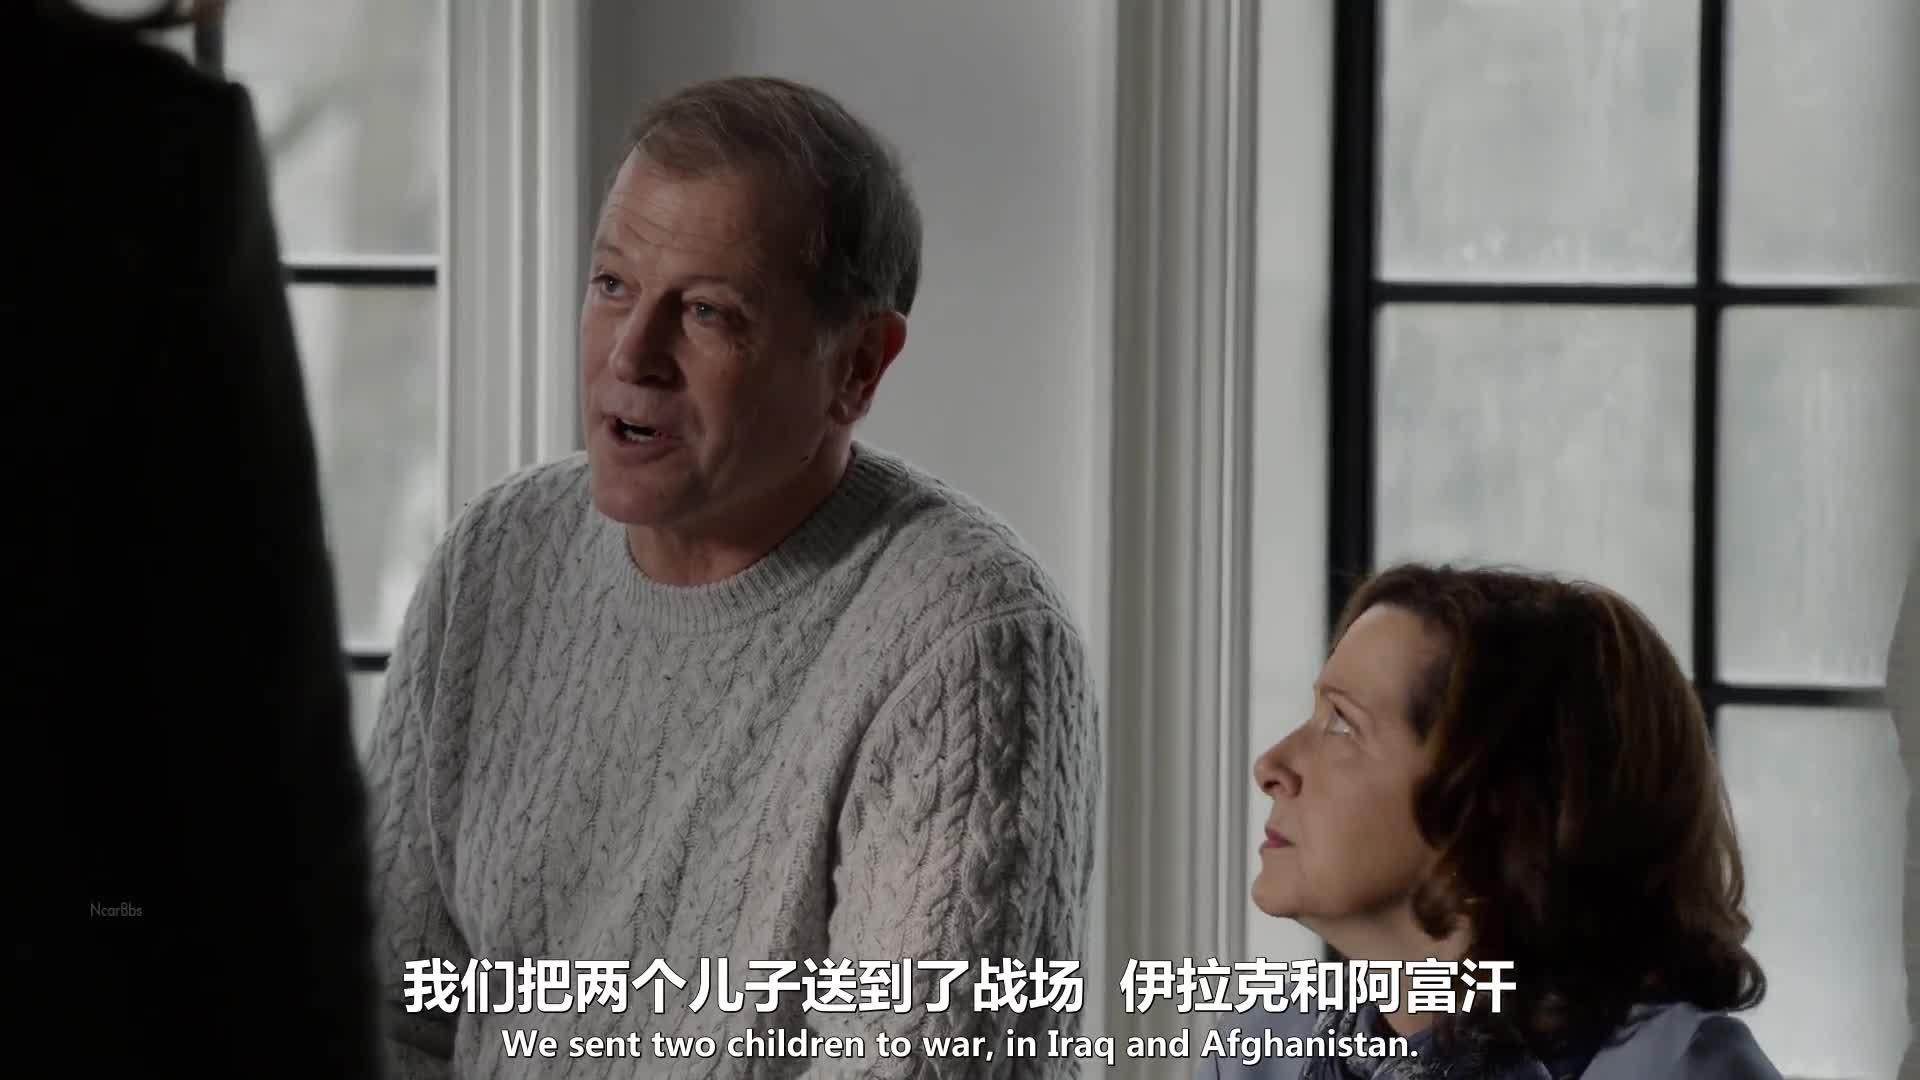 德拉有个二十二岁的儿子泰勒,伊丽莎白赶到德拉家后